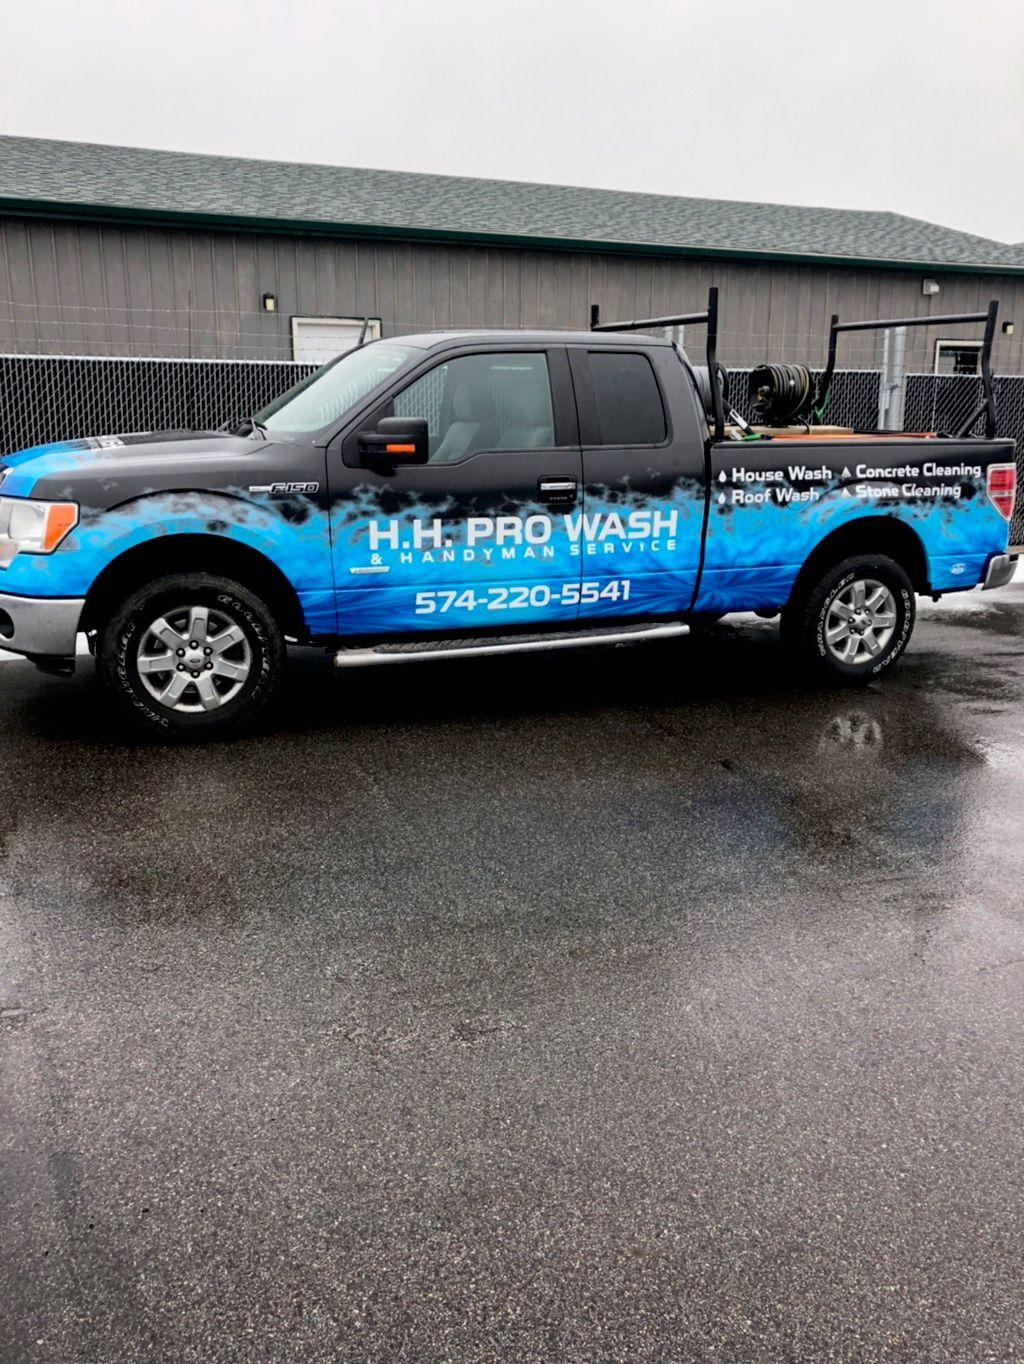 H.H. Pro Wash